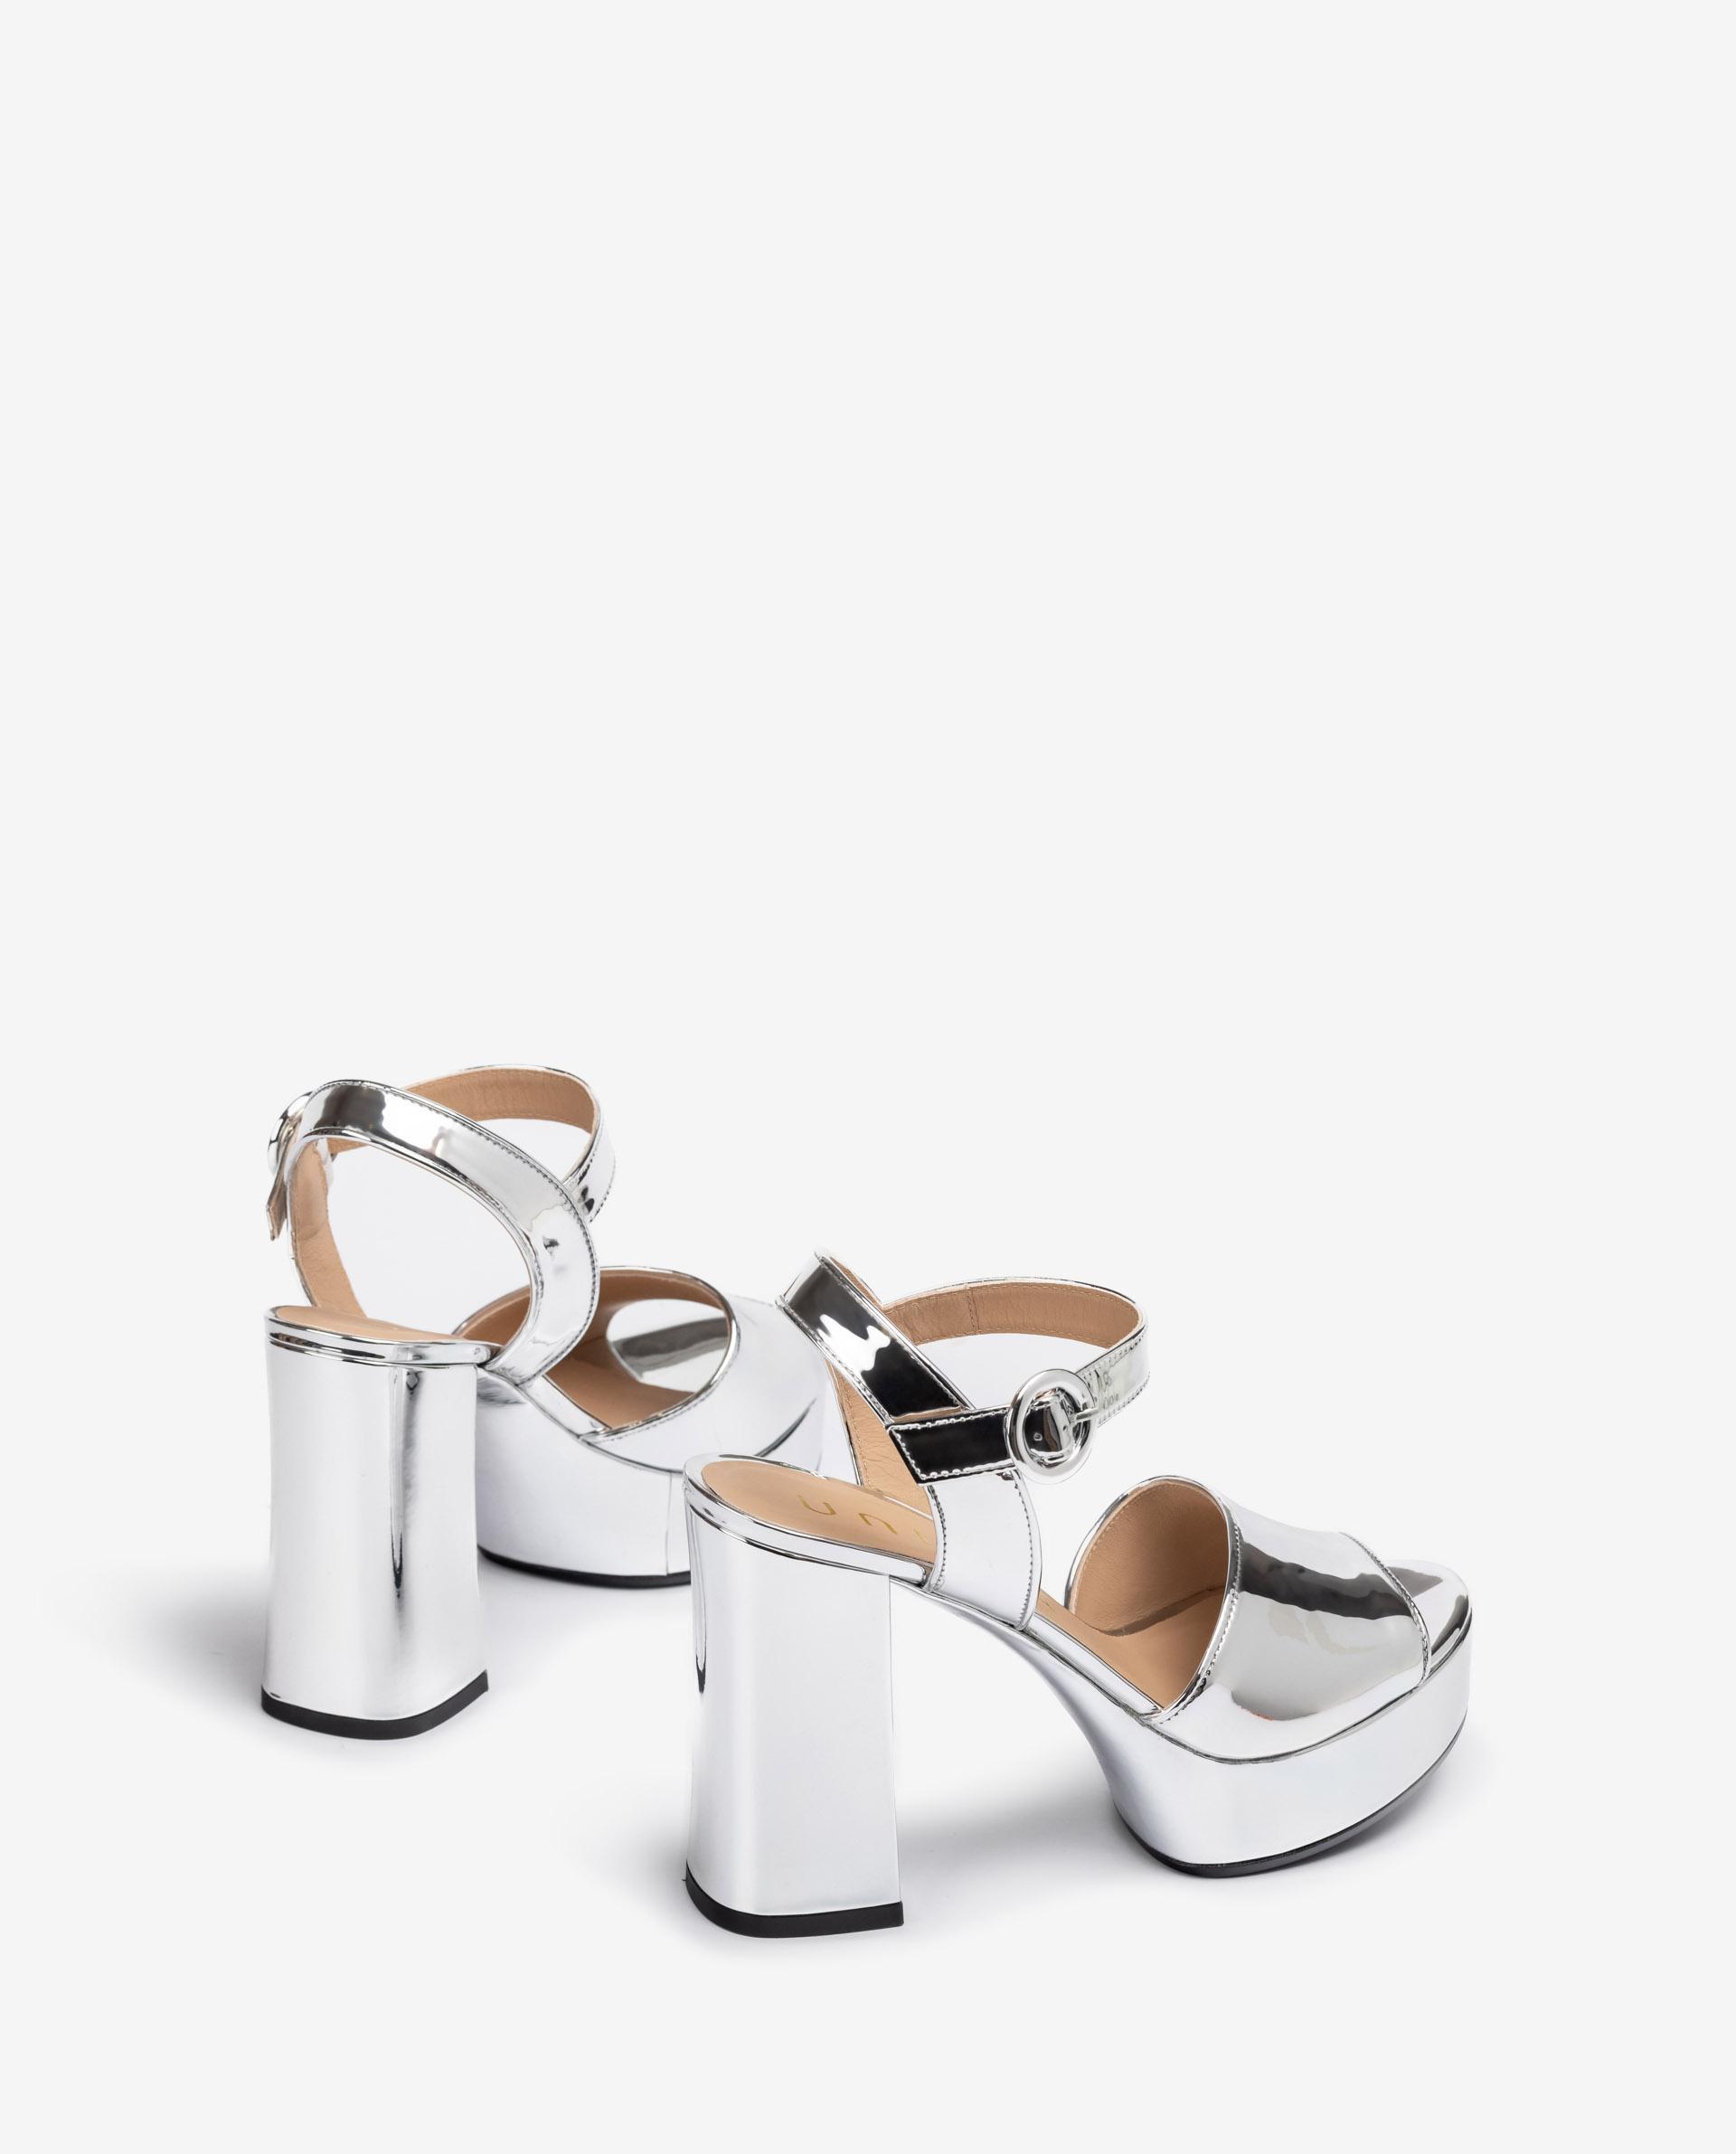 UNISA Sandalen aus Leder mit Spiegeleffekt, Absatz und Plateau VITEX_SP 5